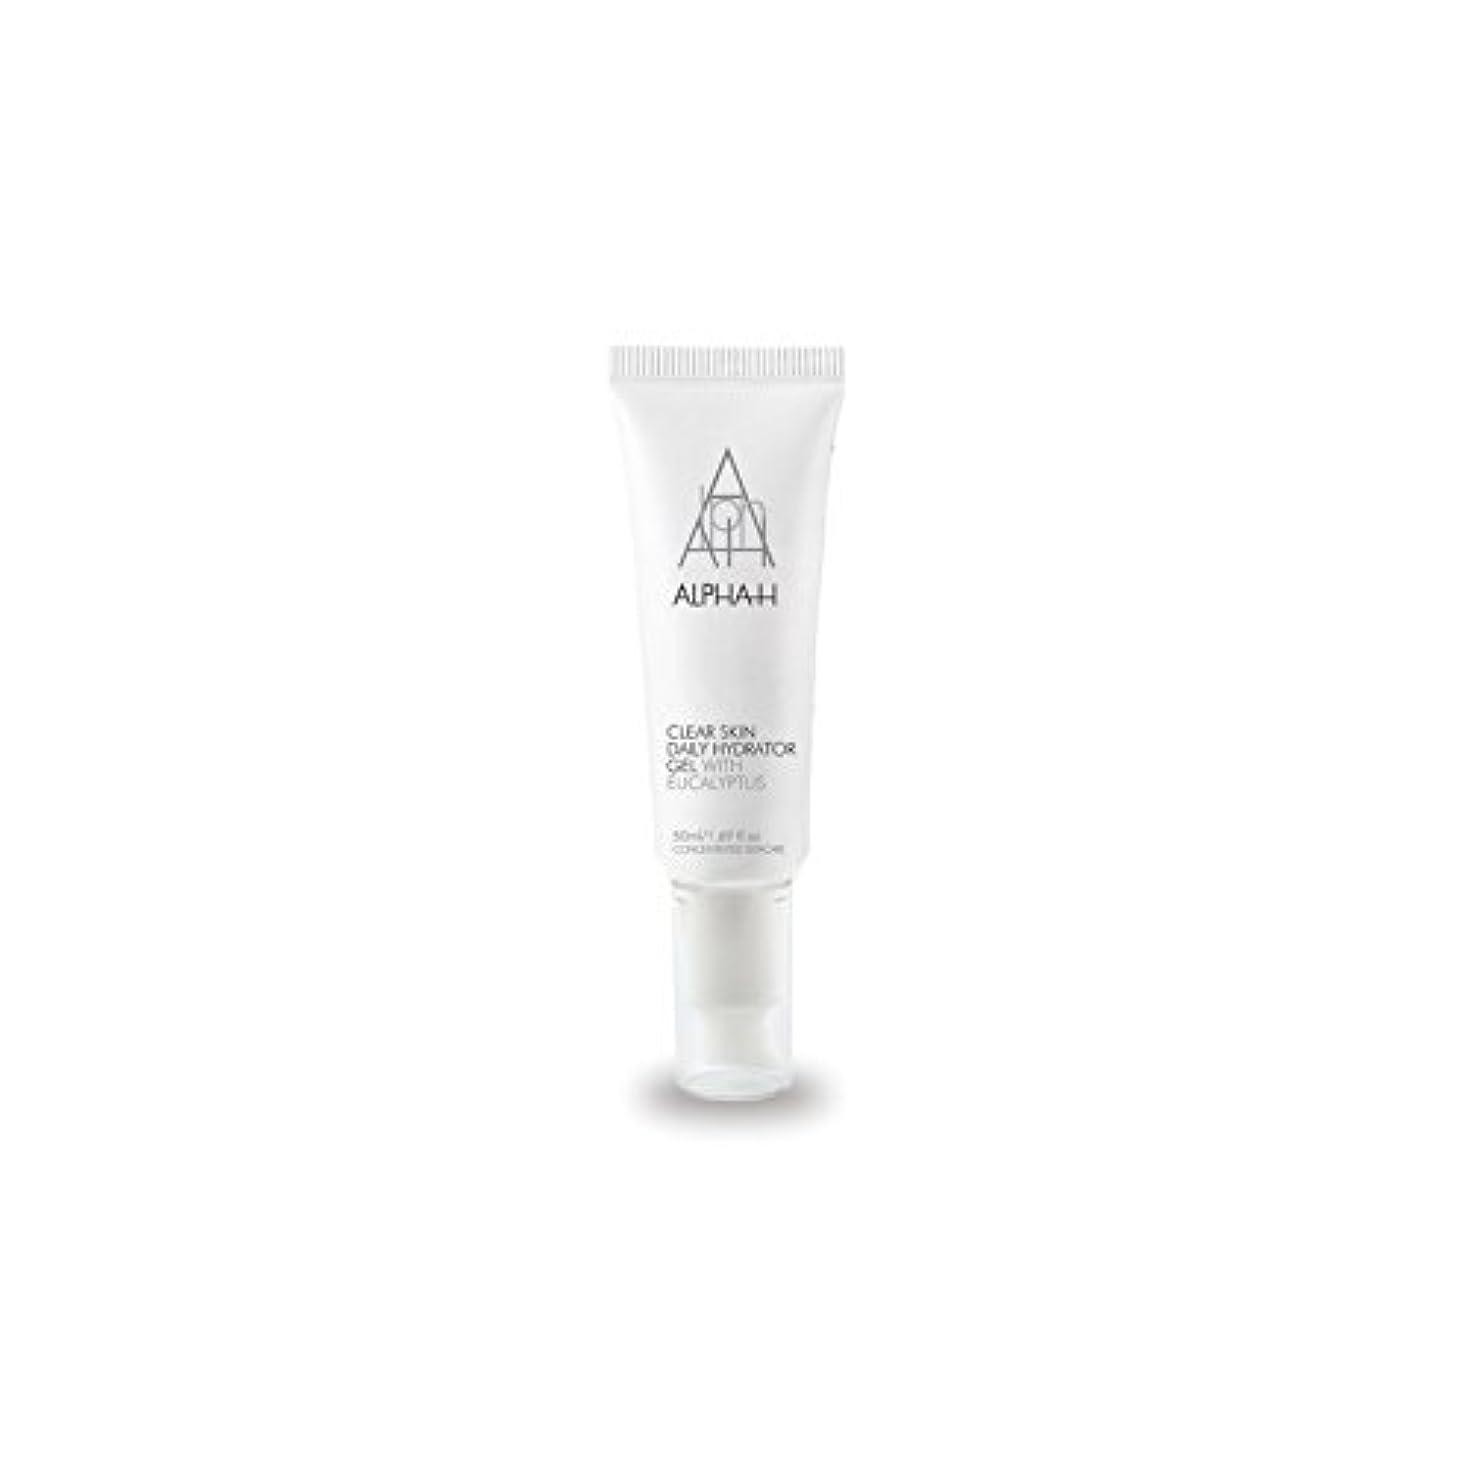 高尚な市の花余暇アルファクリア皮膚毎日ハイドレーターゲル(50)中 x2 - Alpha-H Clear Skin Daily Hydrator Gel (50ml) (Pack of 2) [並行輸入品]